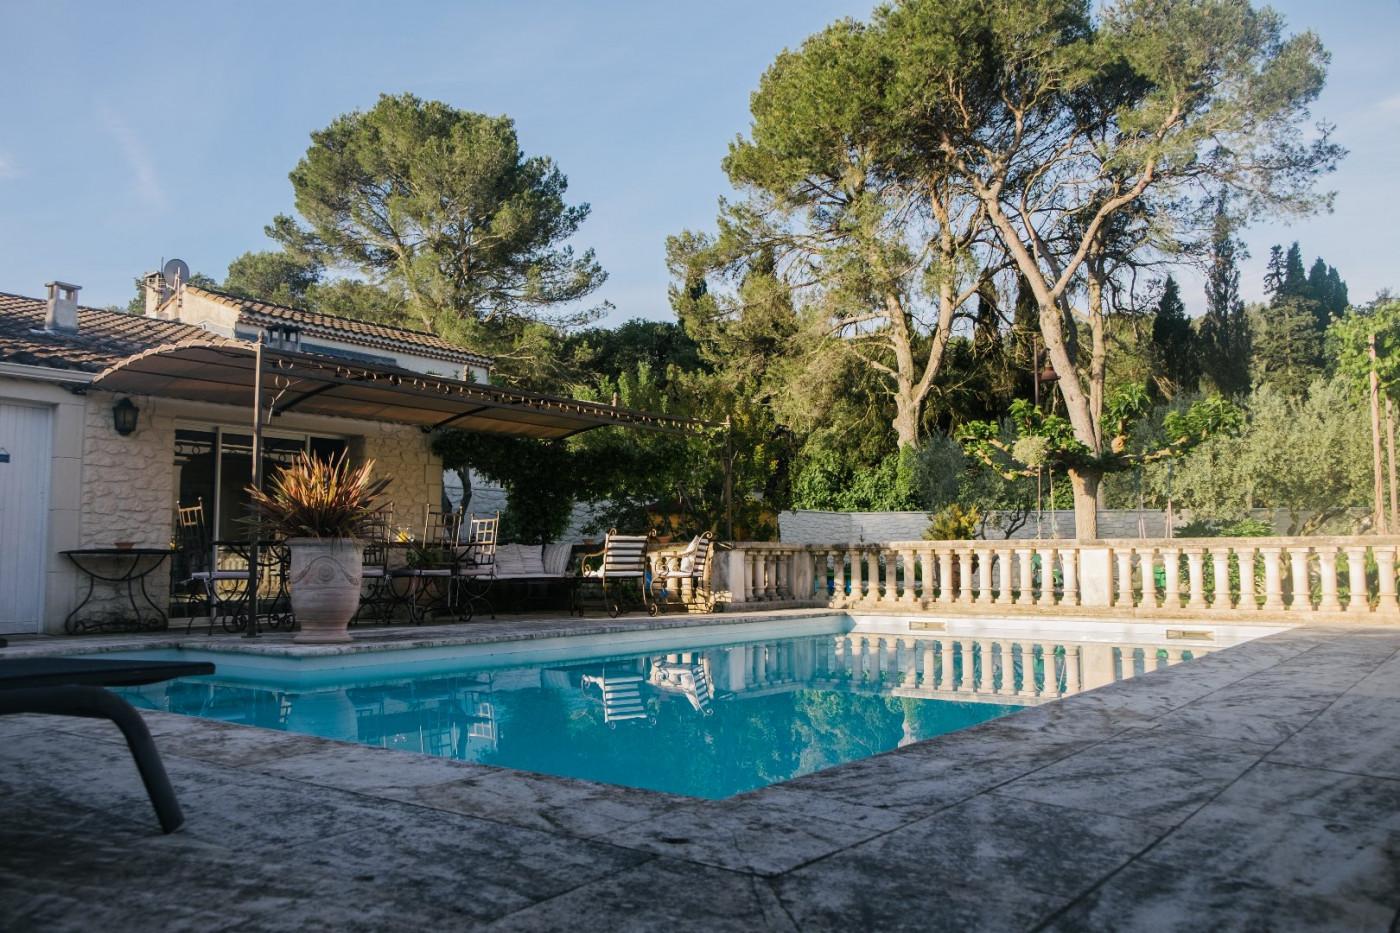 Maison en vente saint etienne du gres r f 301521047 i2t - Maison jardin orlando menu saint etienne ...